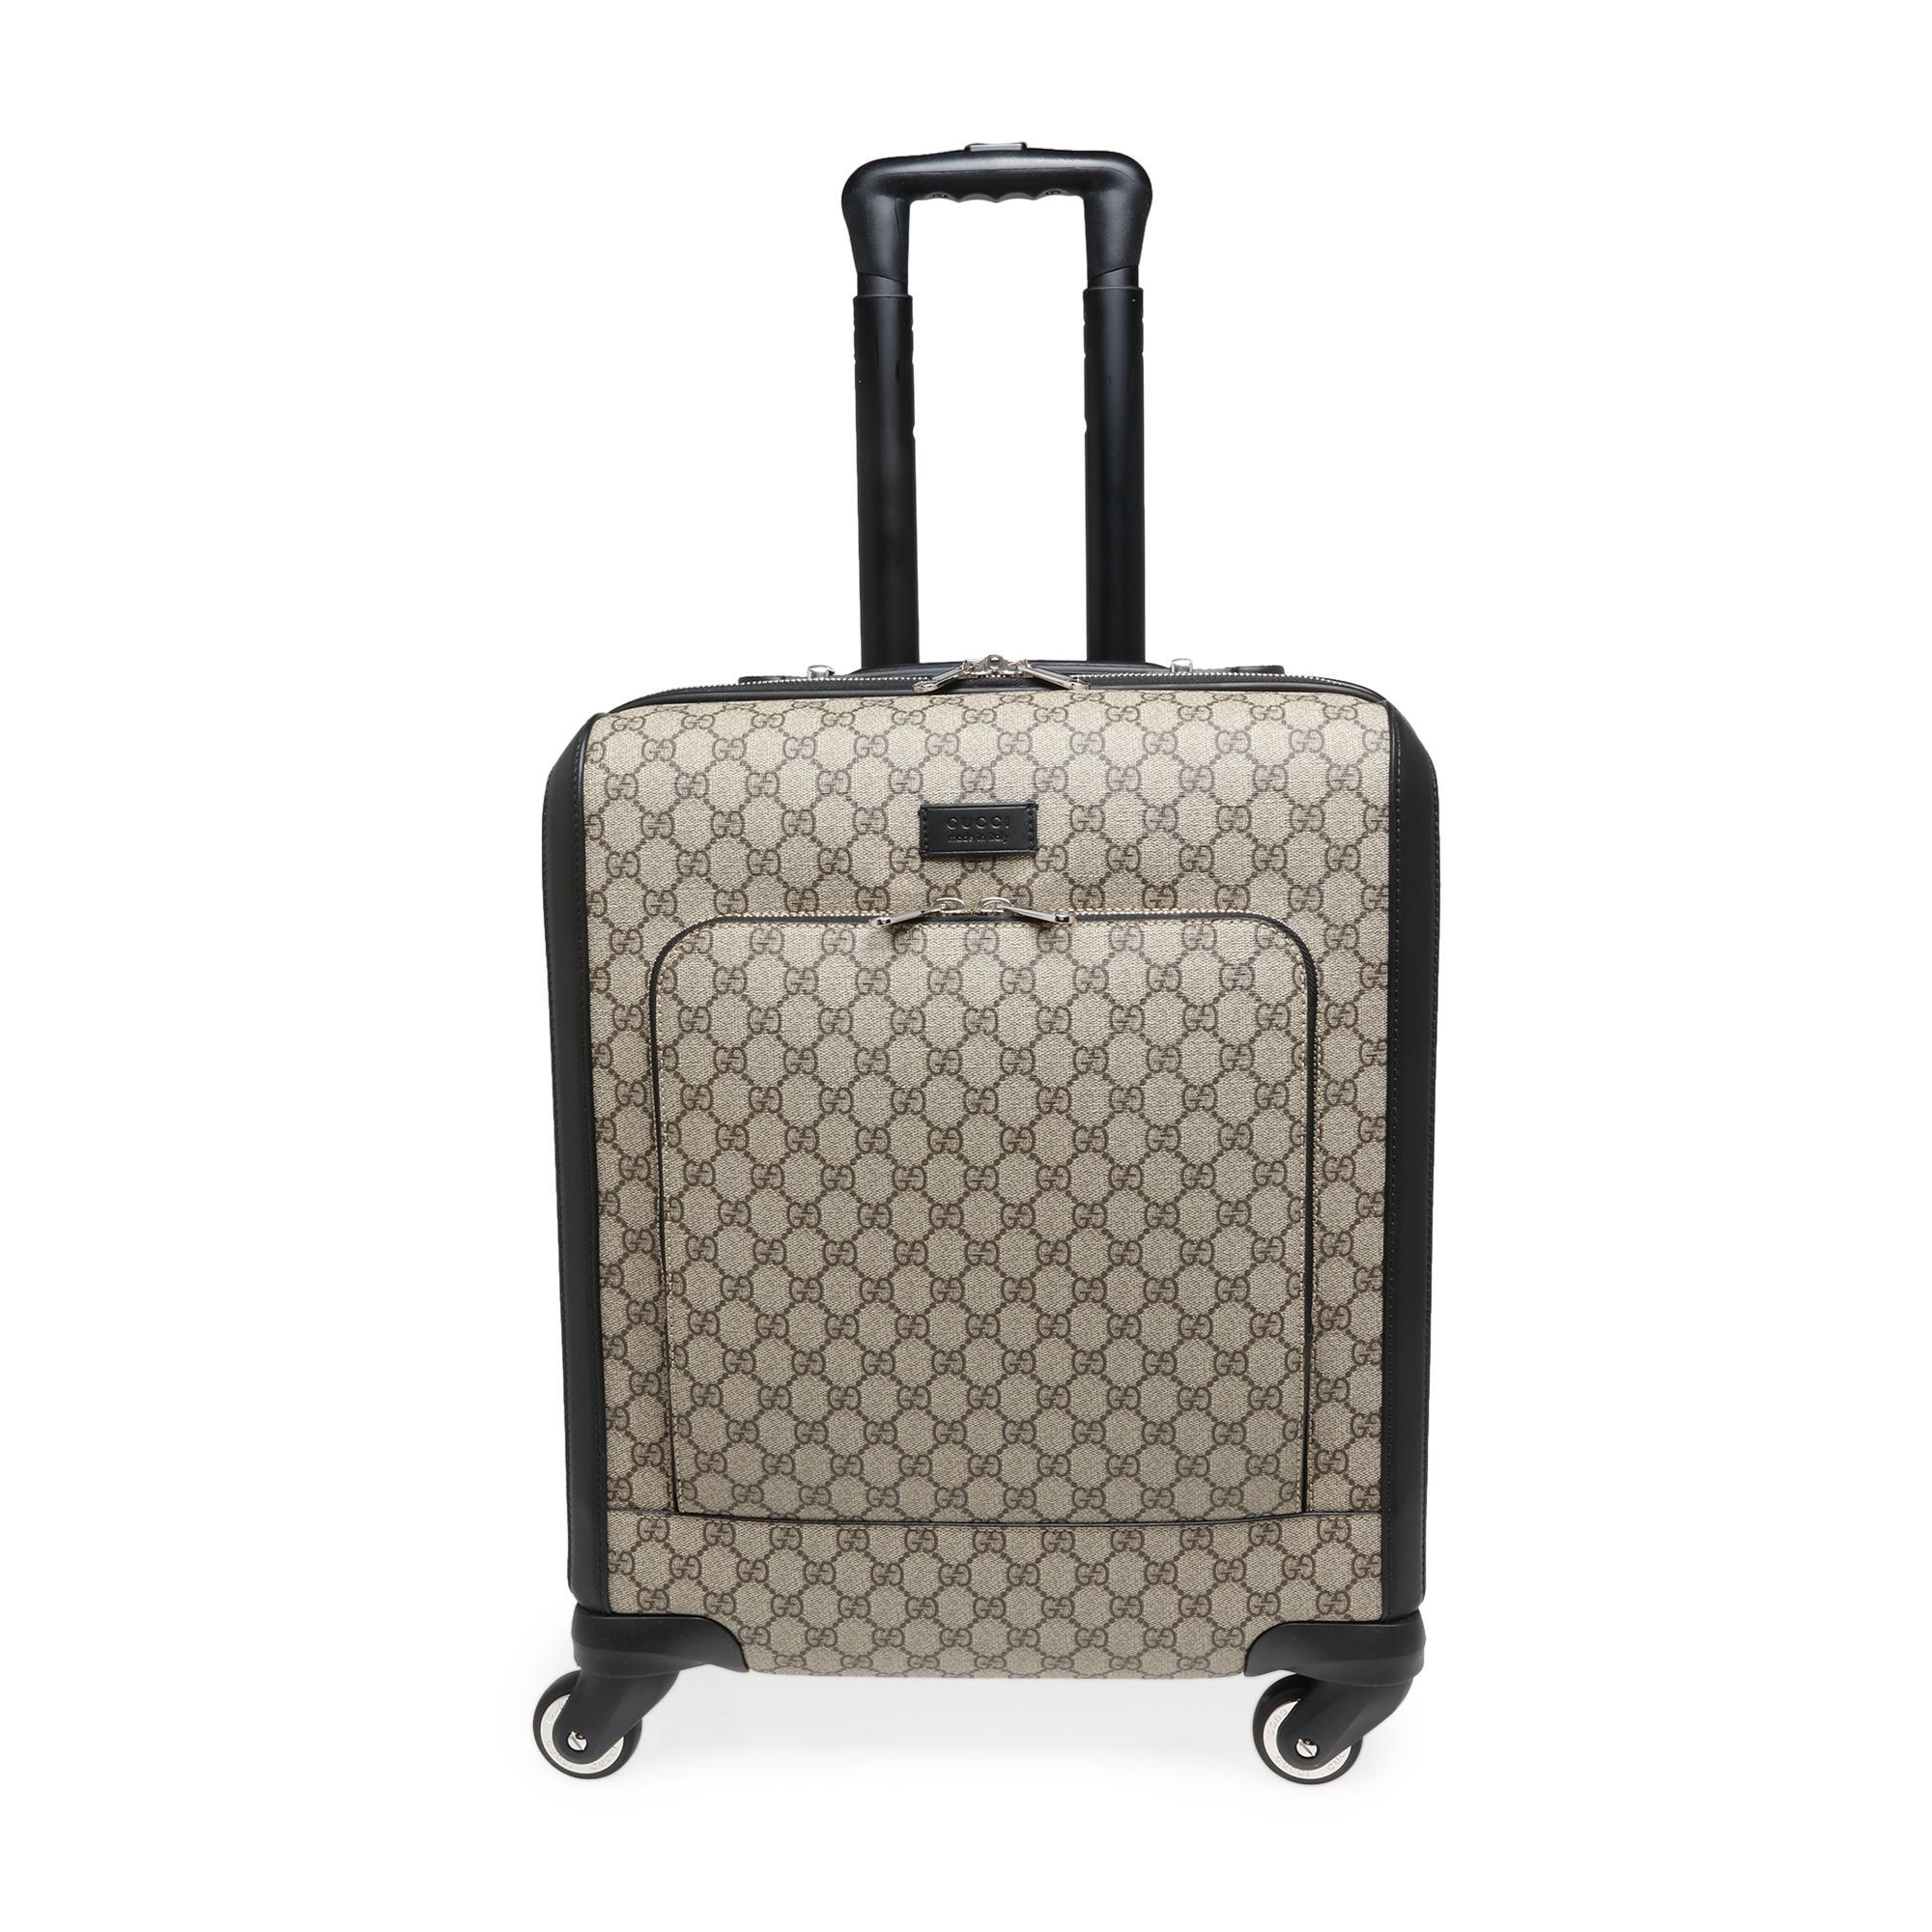 GG Supreme carry-on bag